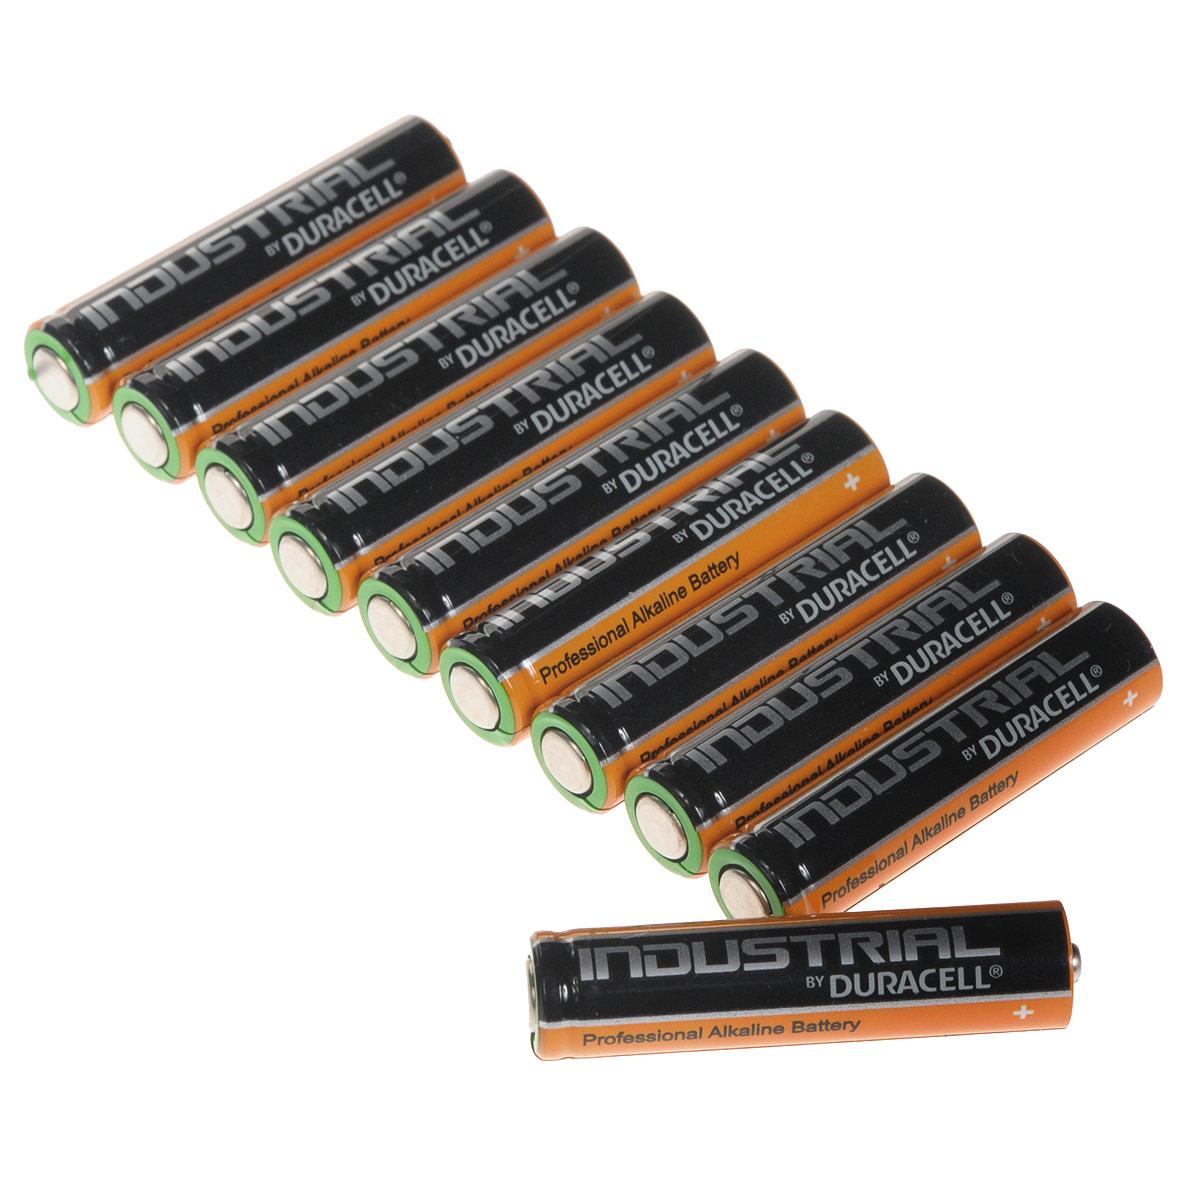 Набор алкалиновых батареек Duracell Industrial, тип AAA, 10 шт1652Набор алкалиновых батареек Duracell Industrial предназначен для использования в различных электронных устройствах небольшого размера, например в пультах дистанционного управления, портативных MP3-плеерах, фотоаппаратах, различных беспроводных устройствах.